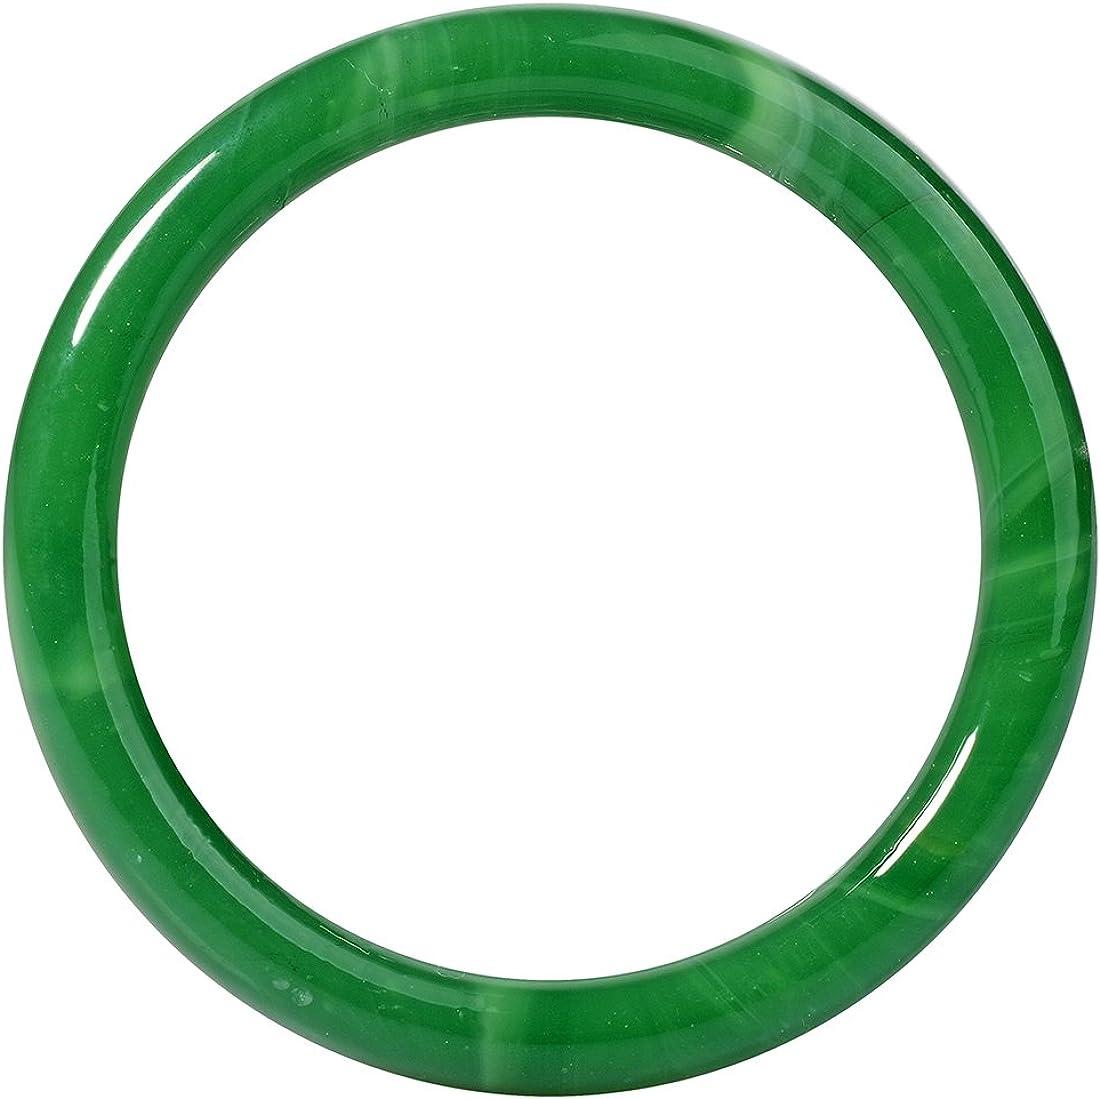 Antiquity Sian Art Light Green Bangle Bracelet for Comeliness- Luck Sign Inside Diameter 2.41 inch